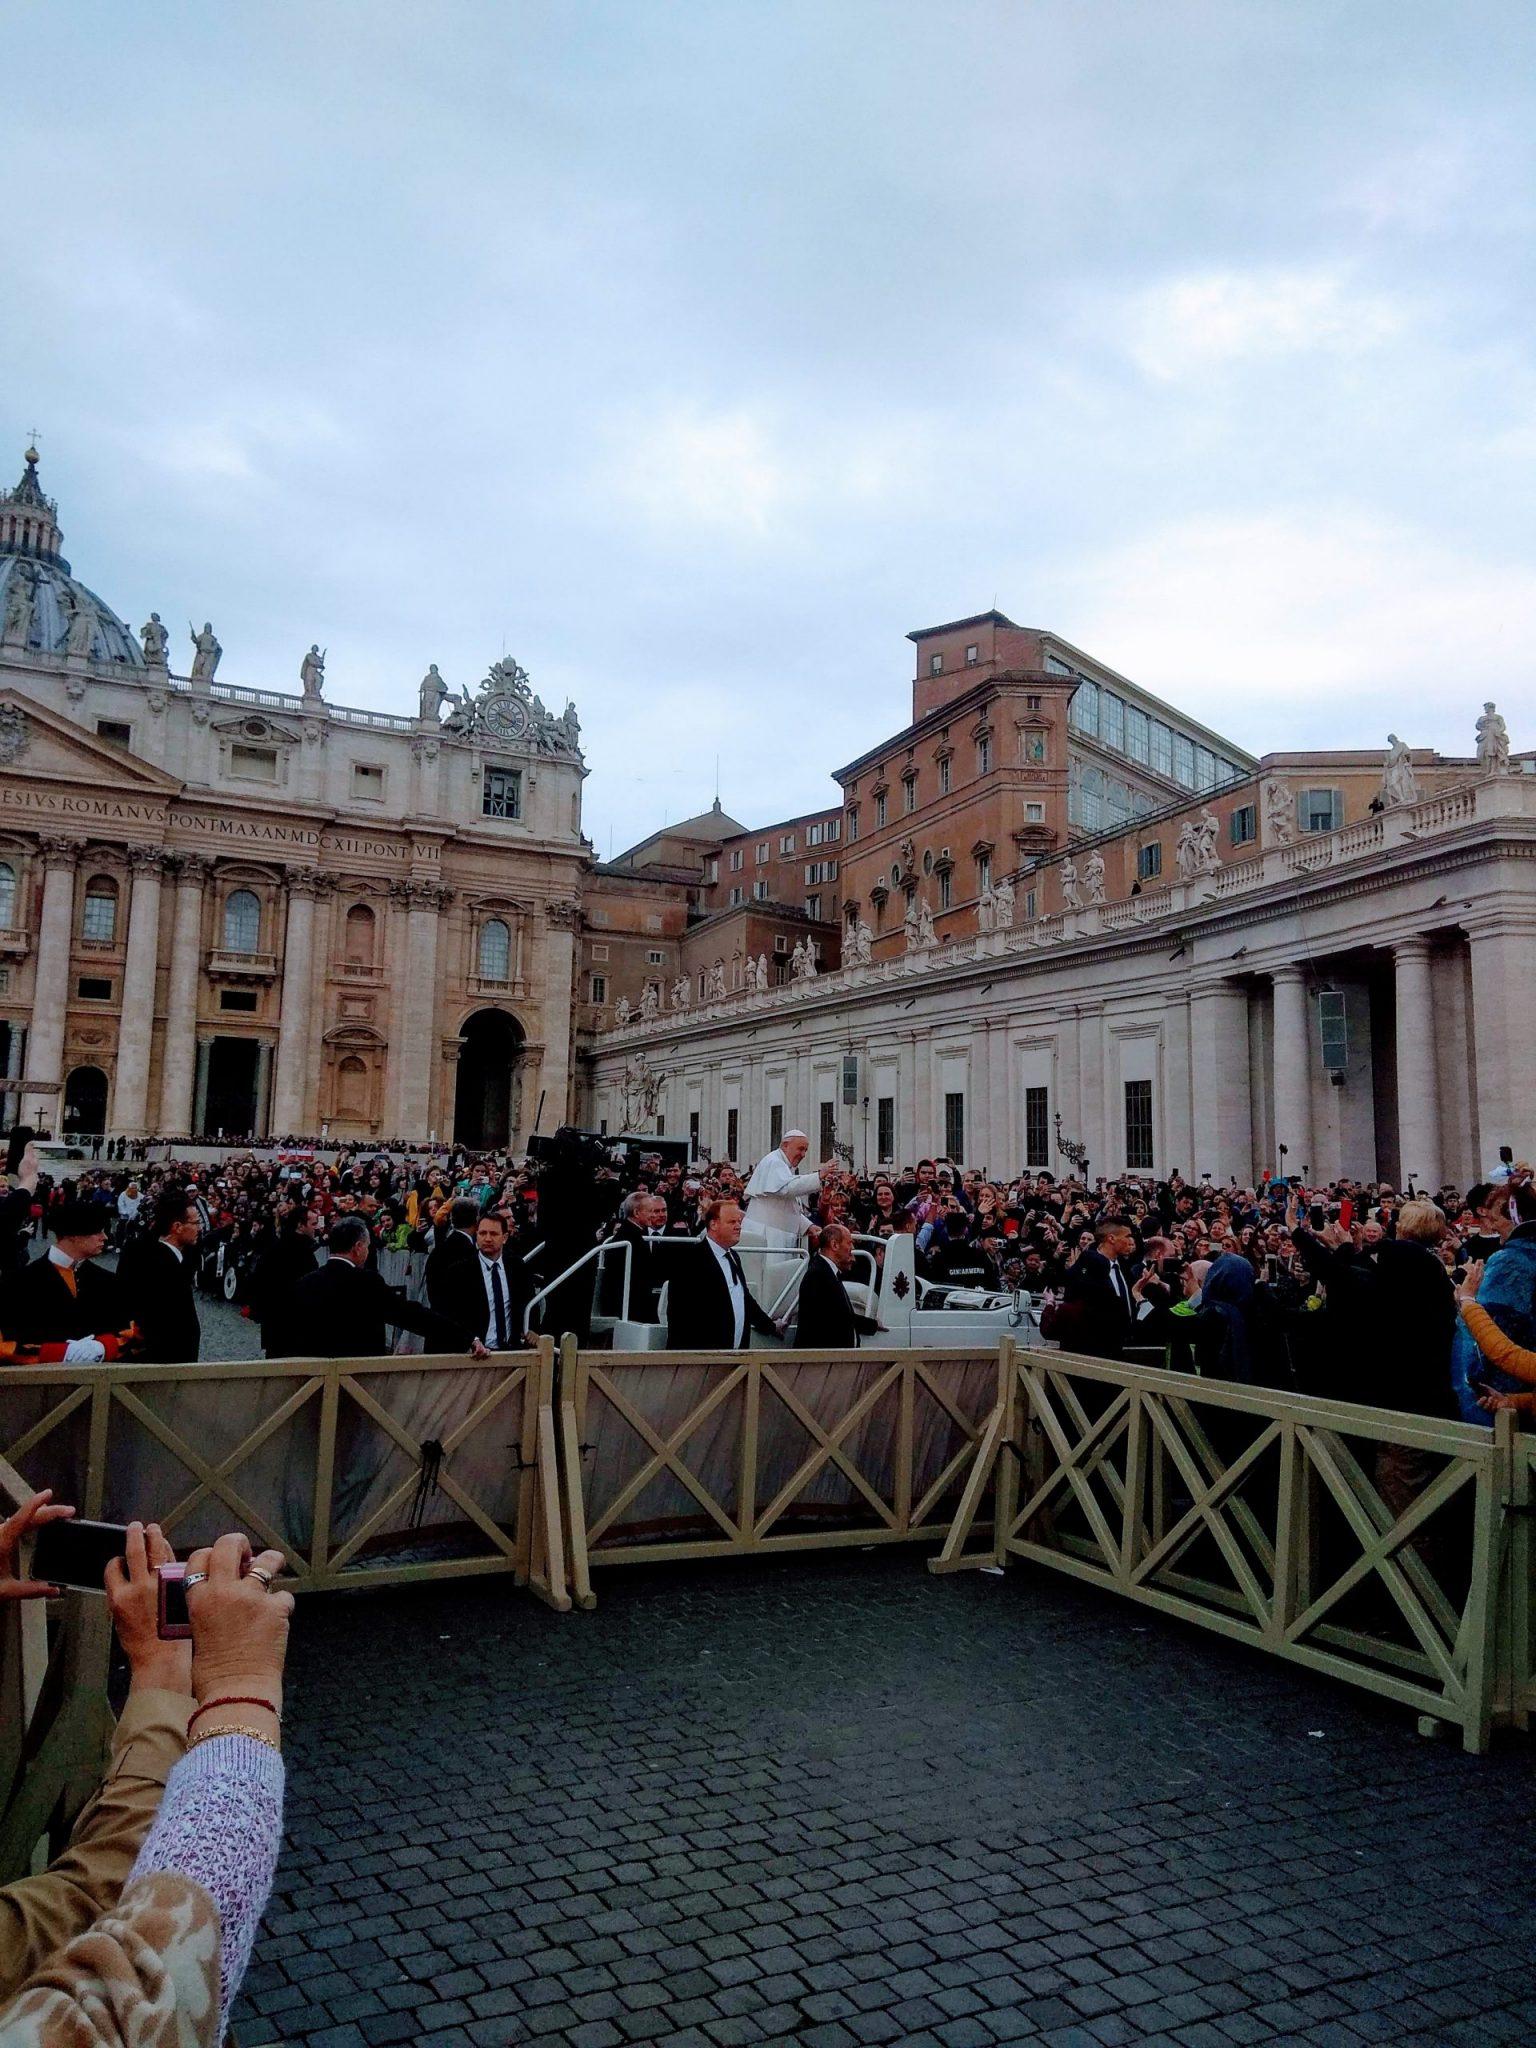 Que visitar en Roma gratis